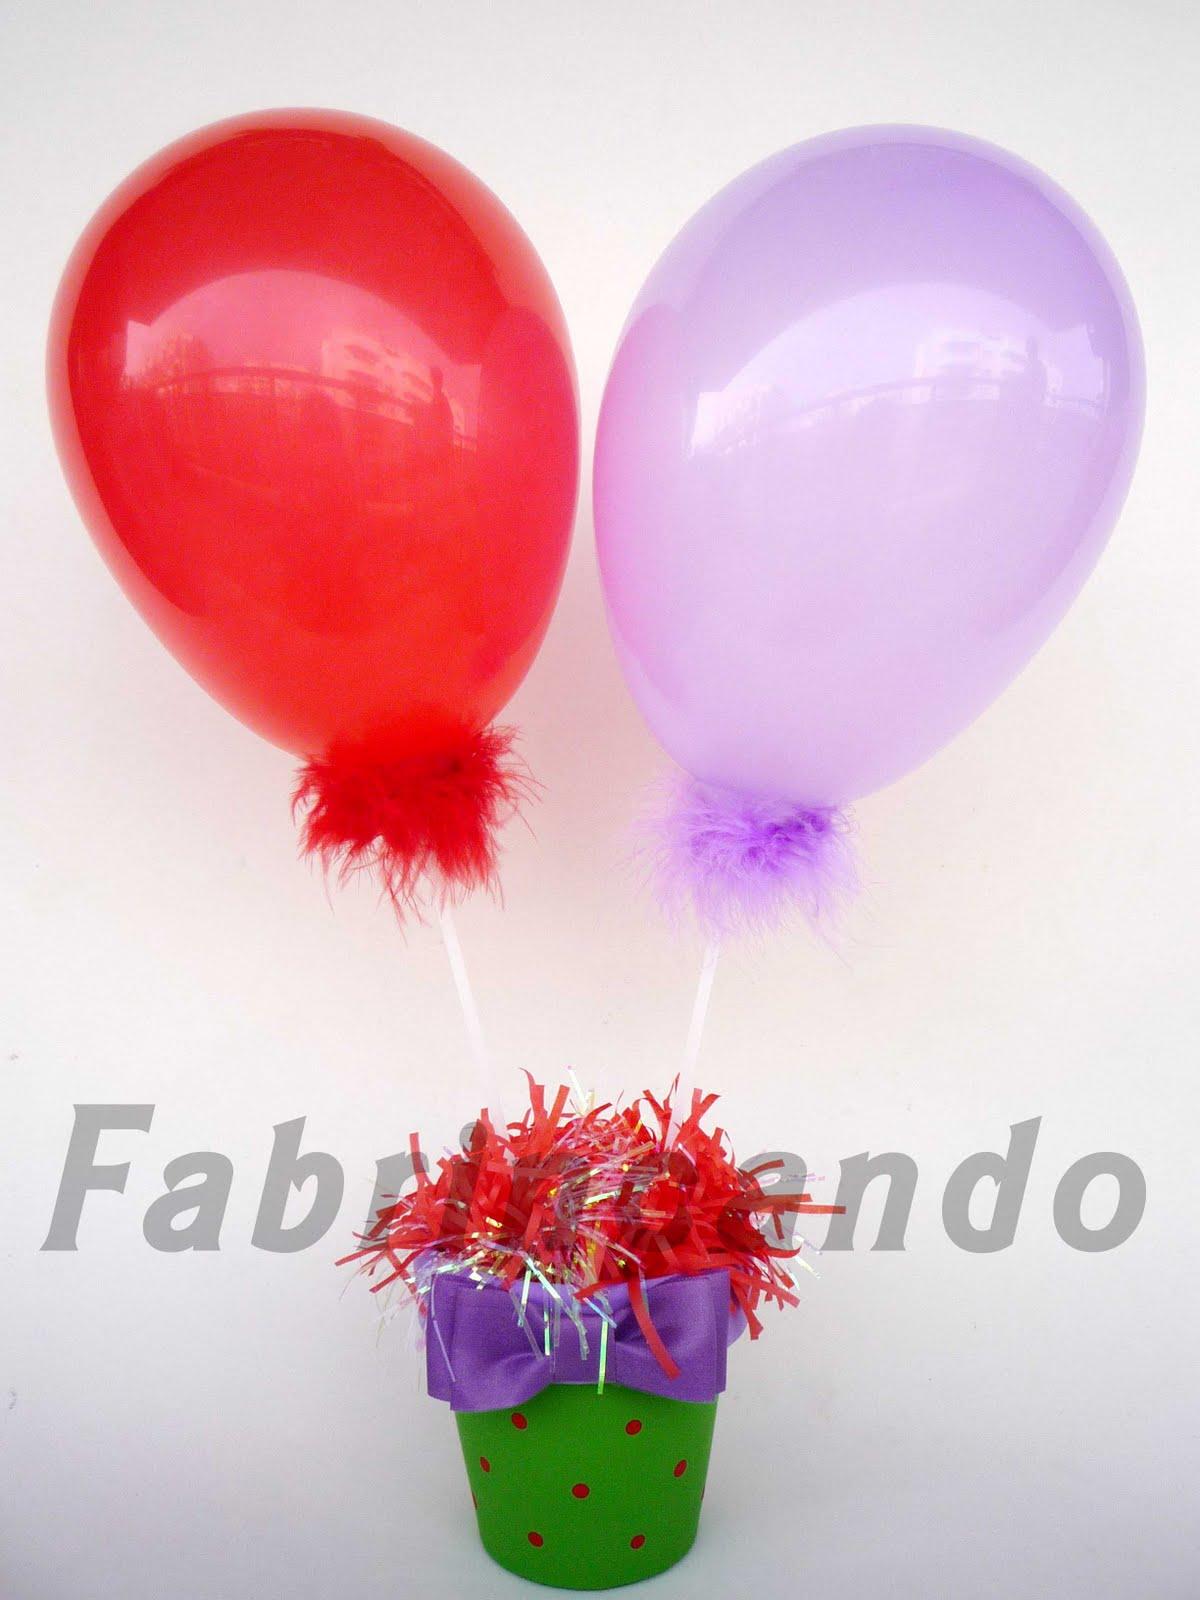 Centro de mesa con dulces de winnie pooh mlc f 3115126297 for Mesas pequenas